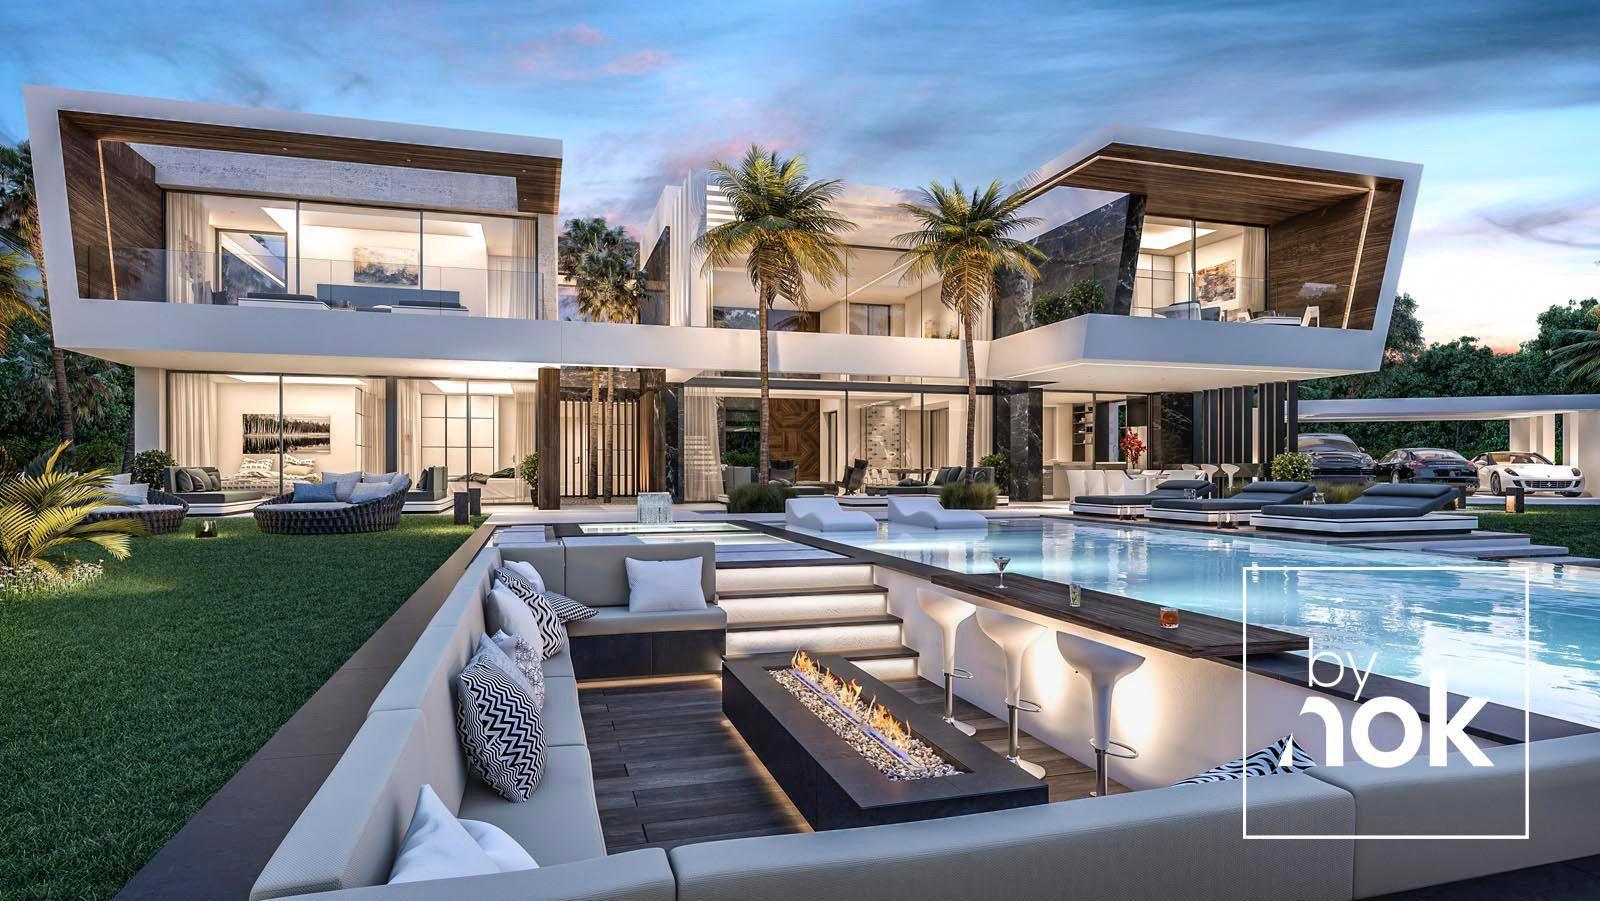 Architecture Construction Luxury Modern Villa In Madrid Modernhomedesign House Designs Exterior Luxury Homes Dream Houses Modern Architecture House